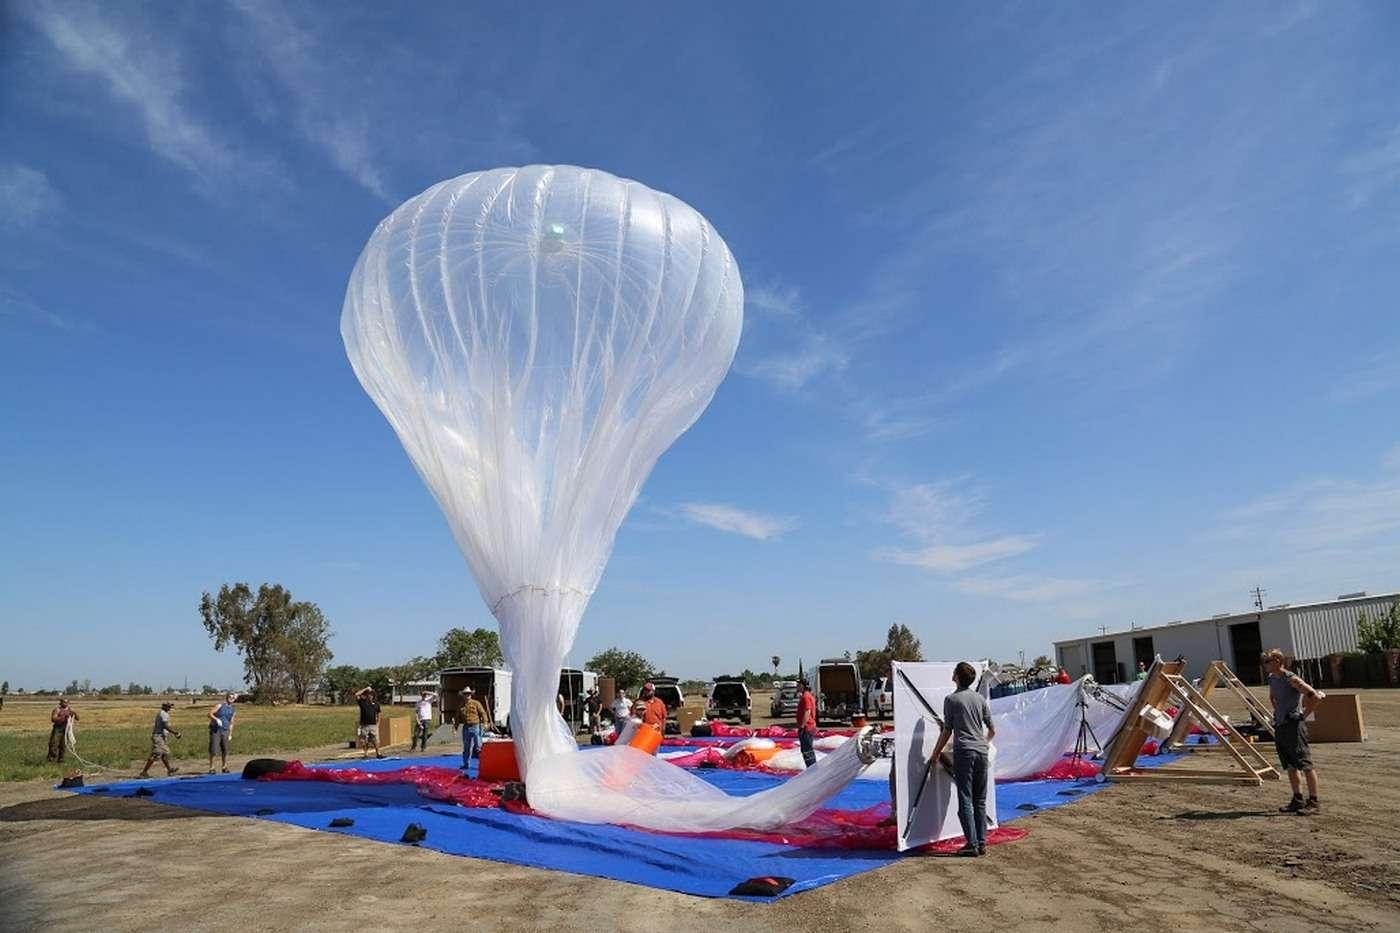 Le projet Loon de distribution d'accès Internet via des ballons stratosphériques a débuté en 2013. © Google